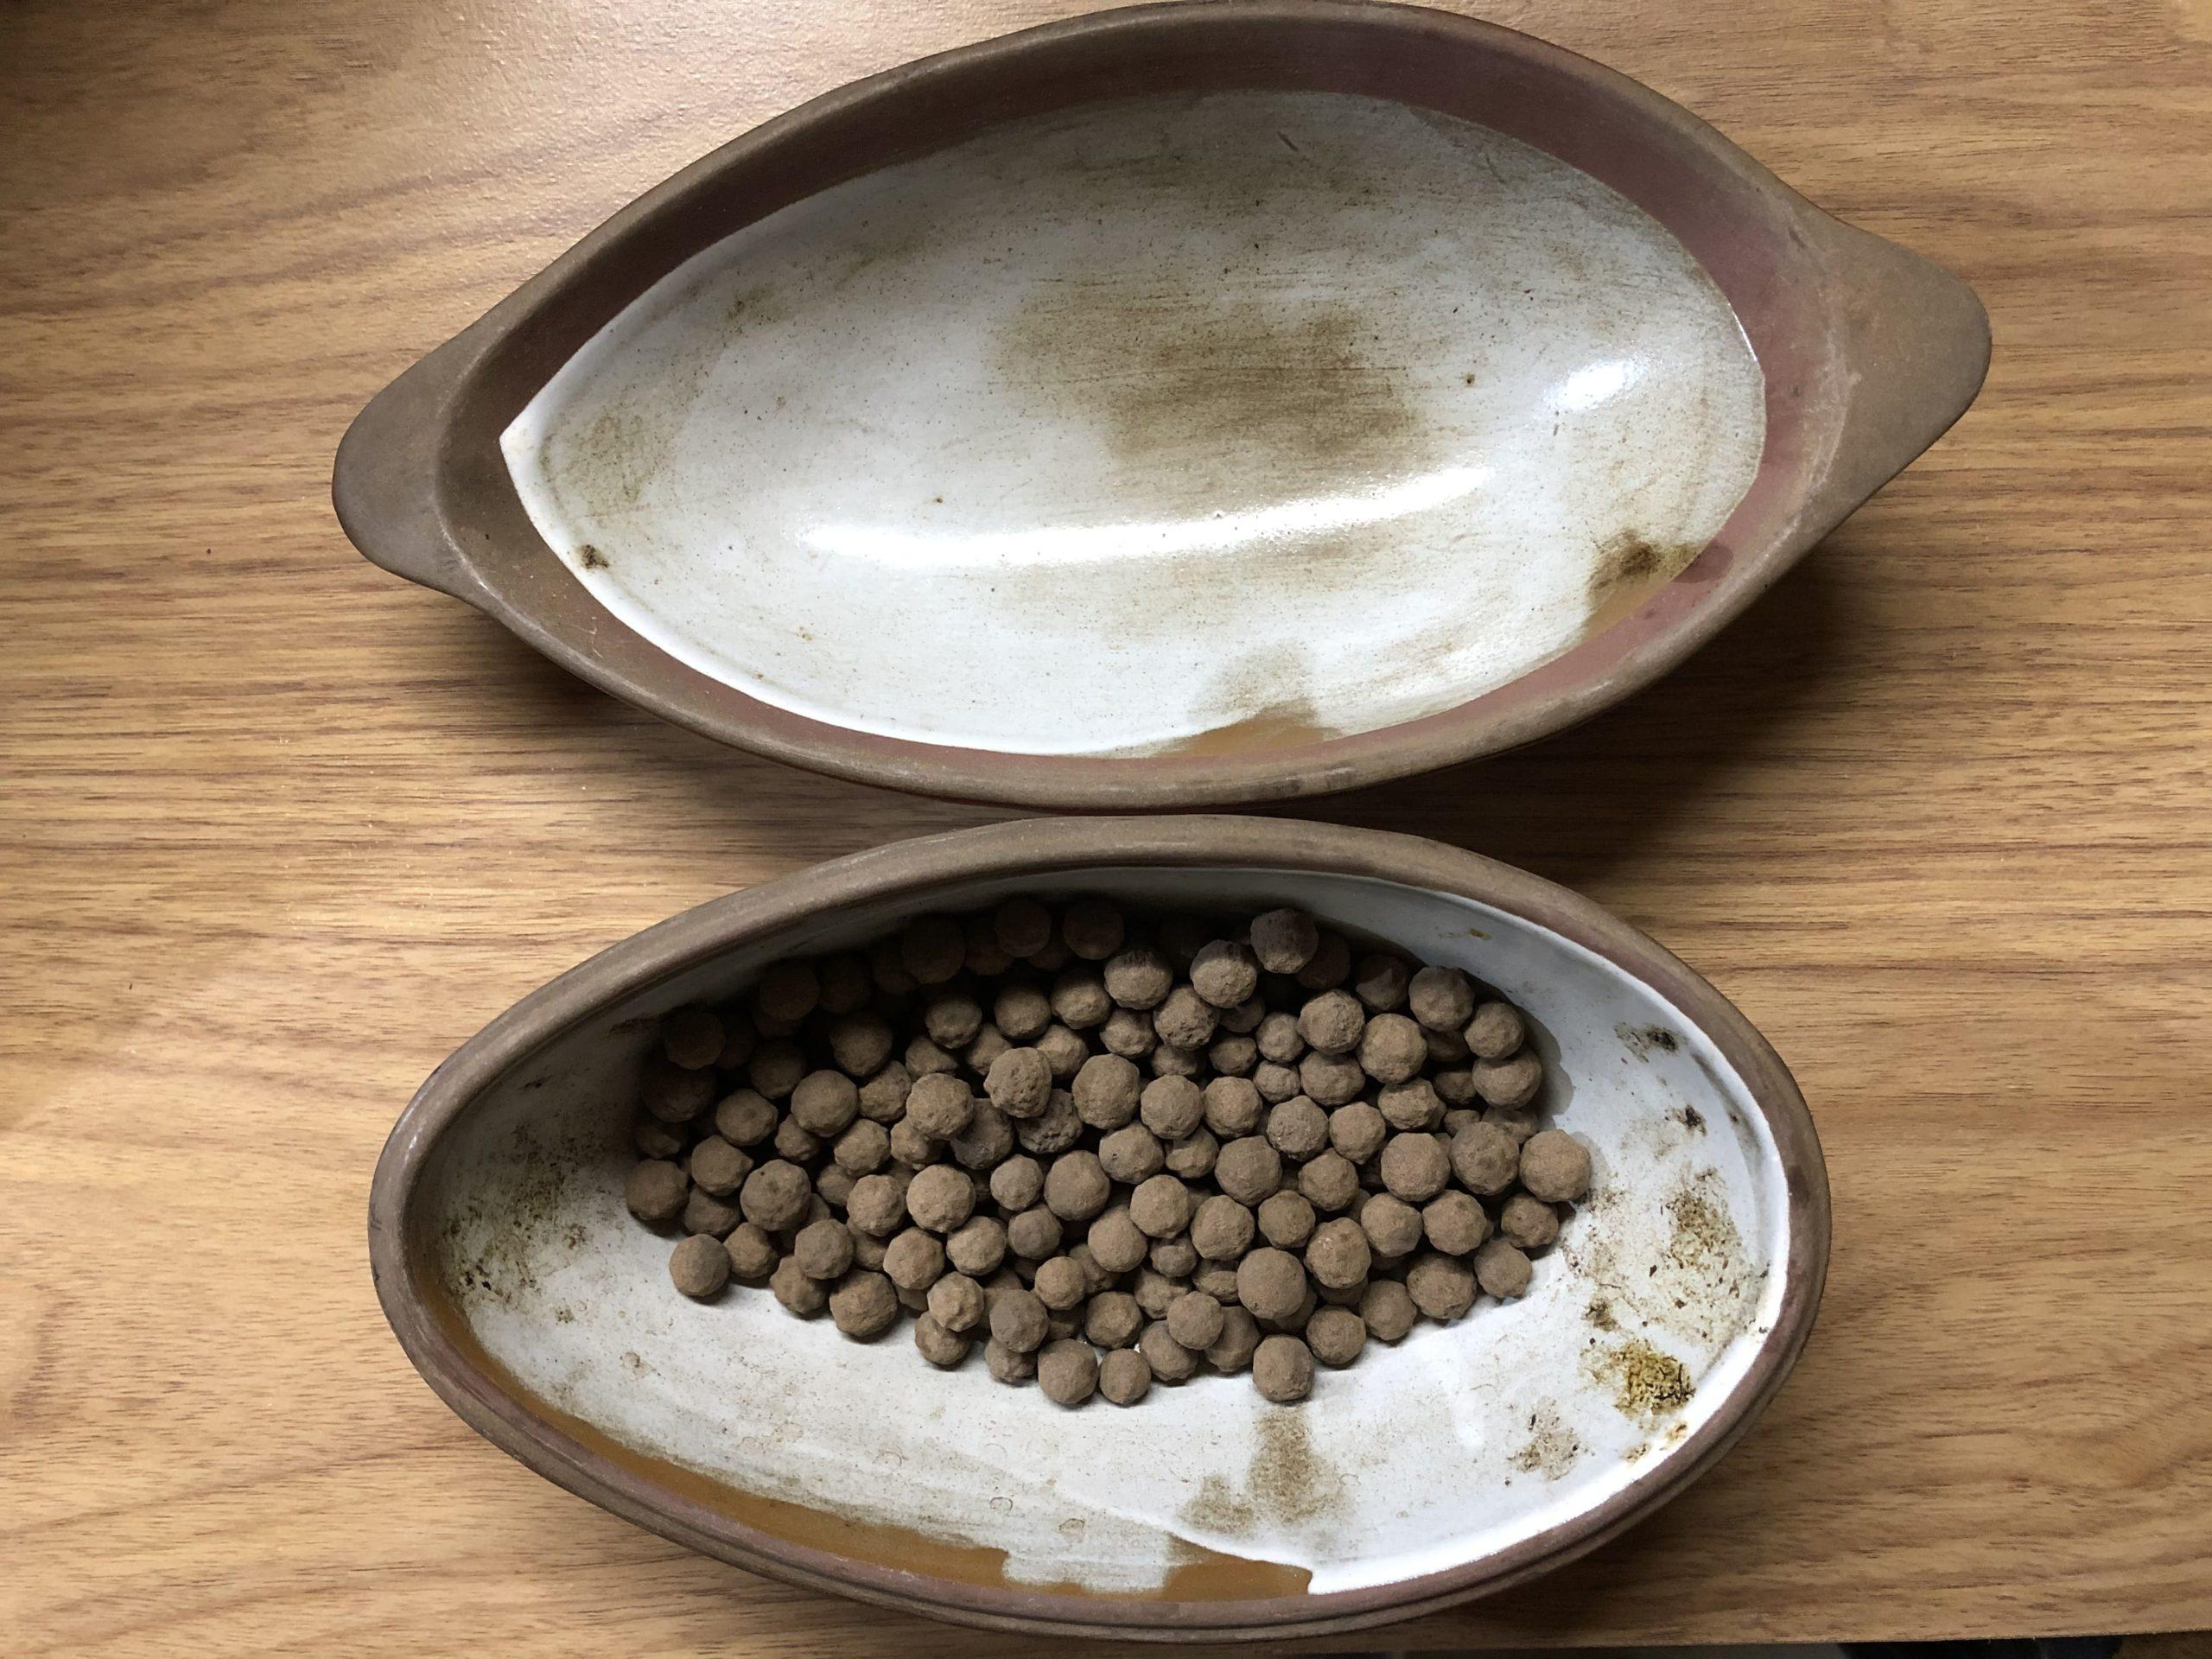 サツマイモ焼きキットの画像